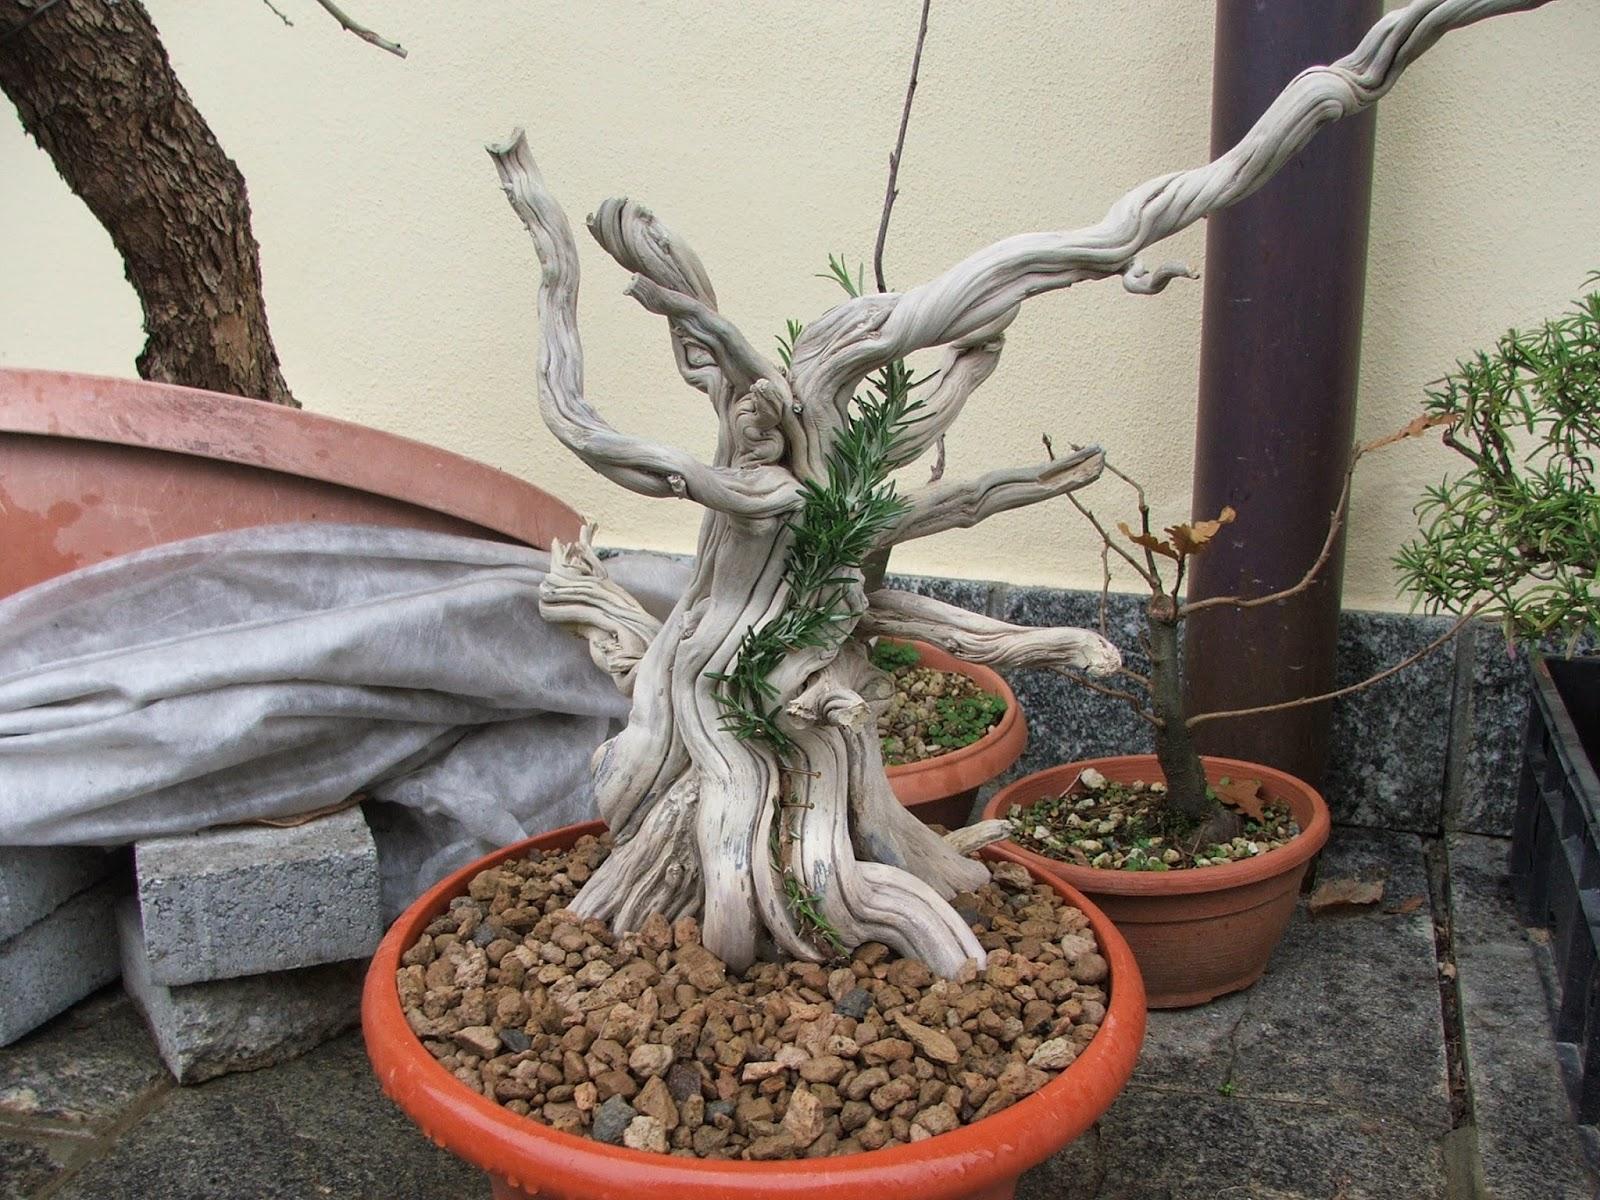 Rosmarino Secco Alla Base evoluzione bonsai : tanuki di rosmarino - tanuki of rosemary